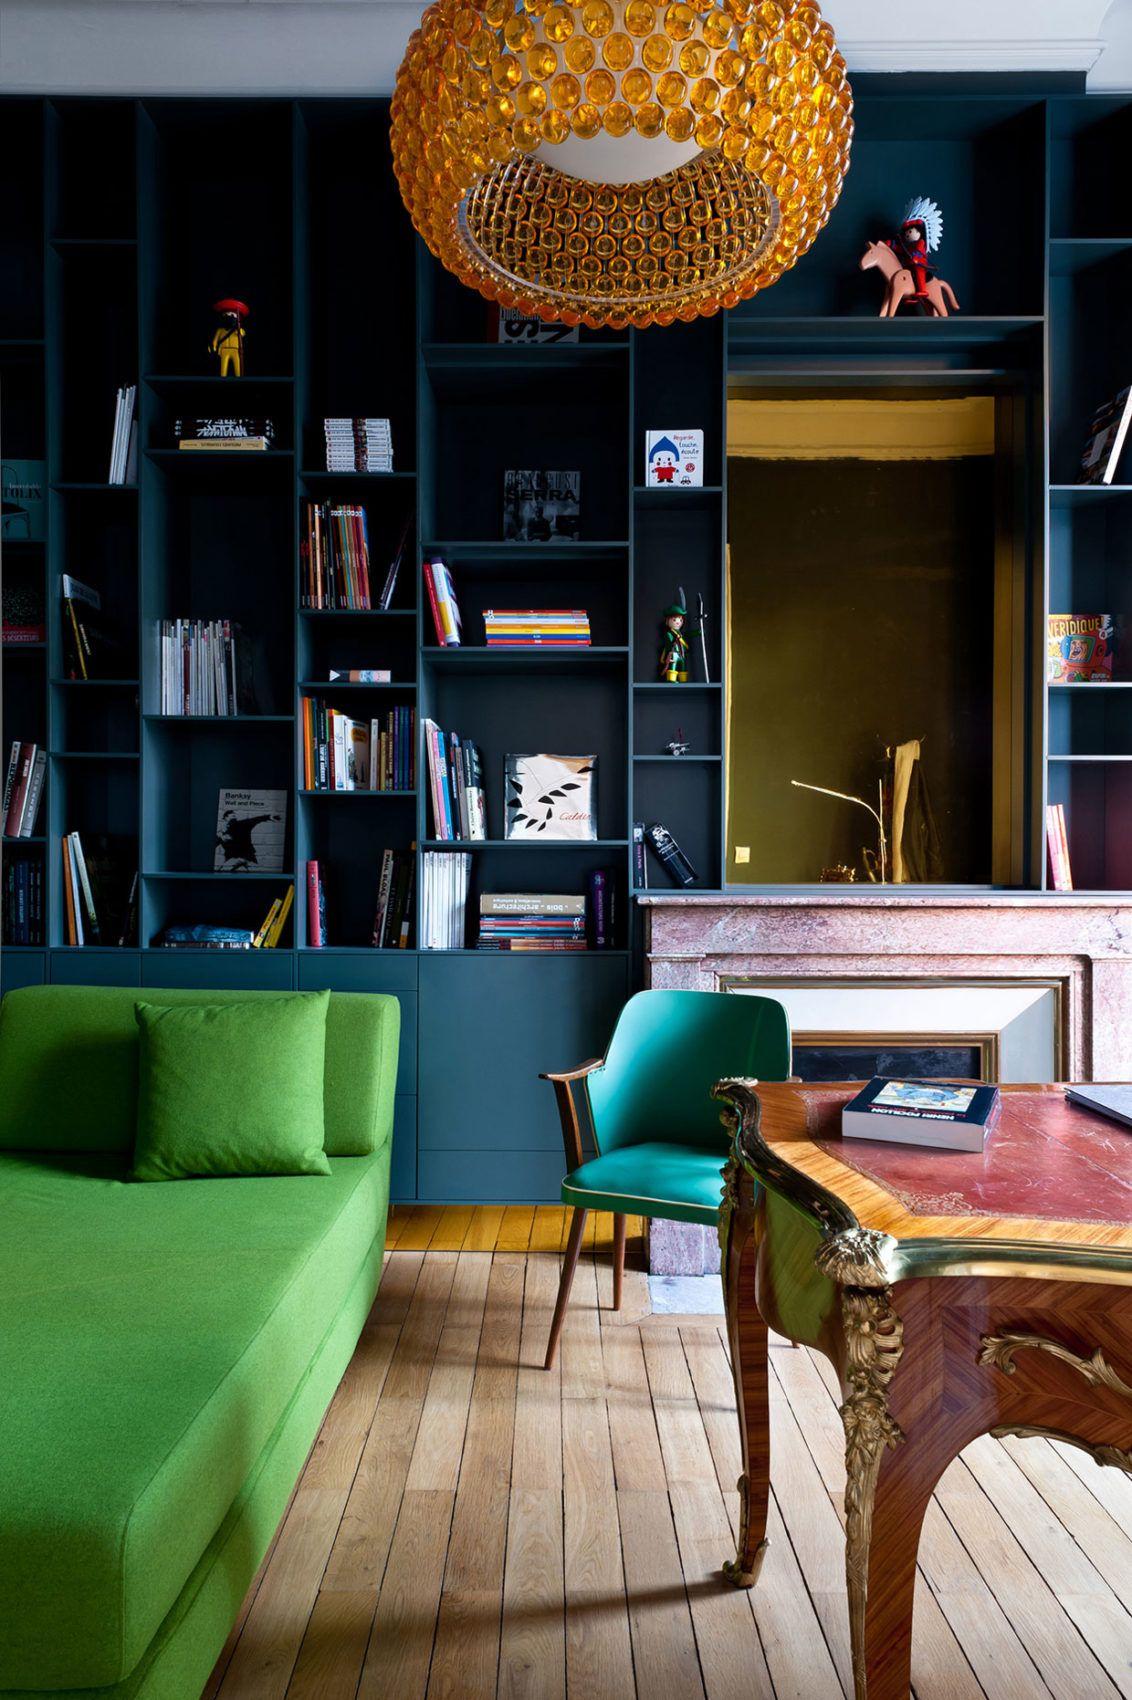 Architecte Interieur Bordeaux architecte interieur daphné serrado transforms a former